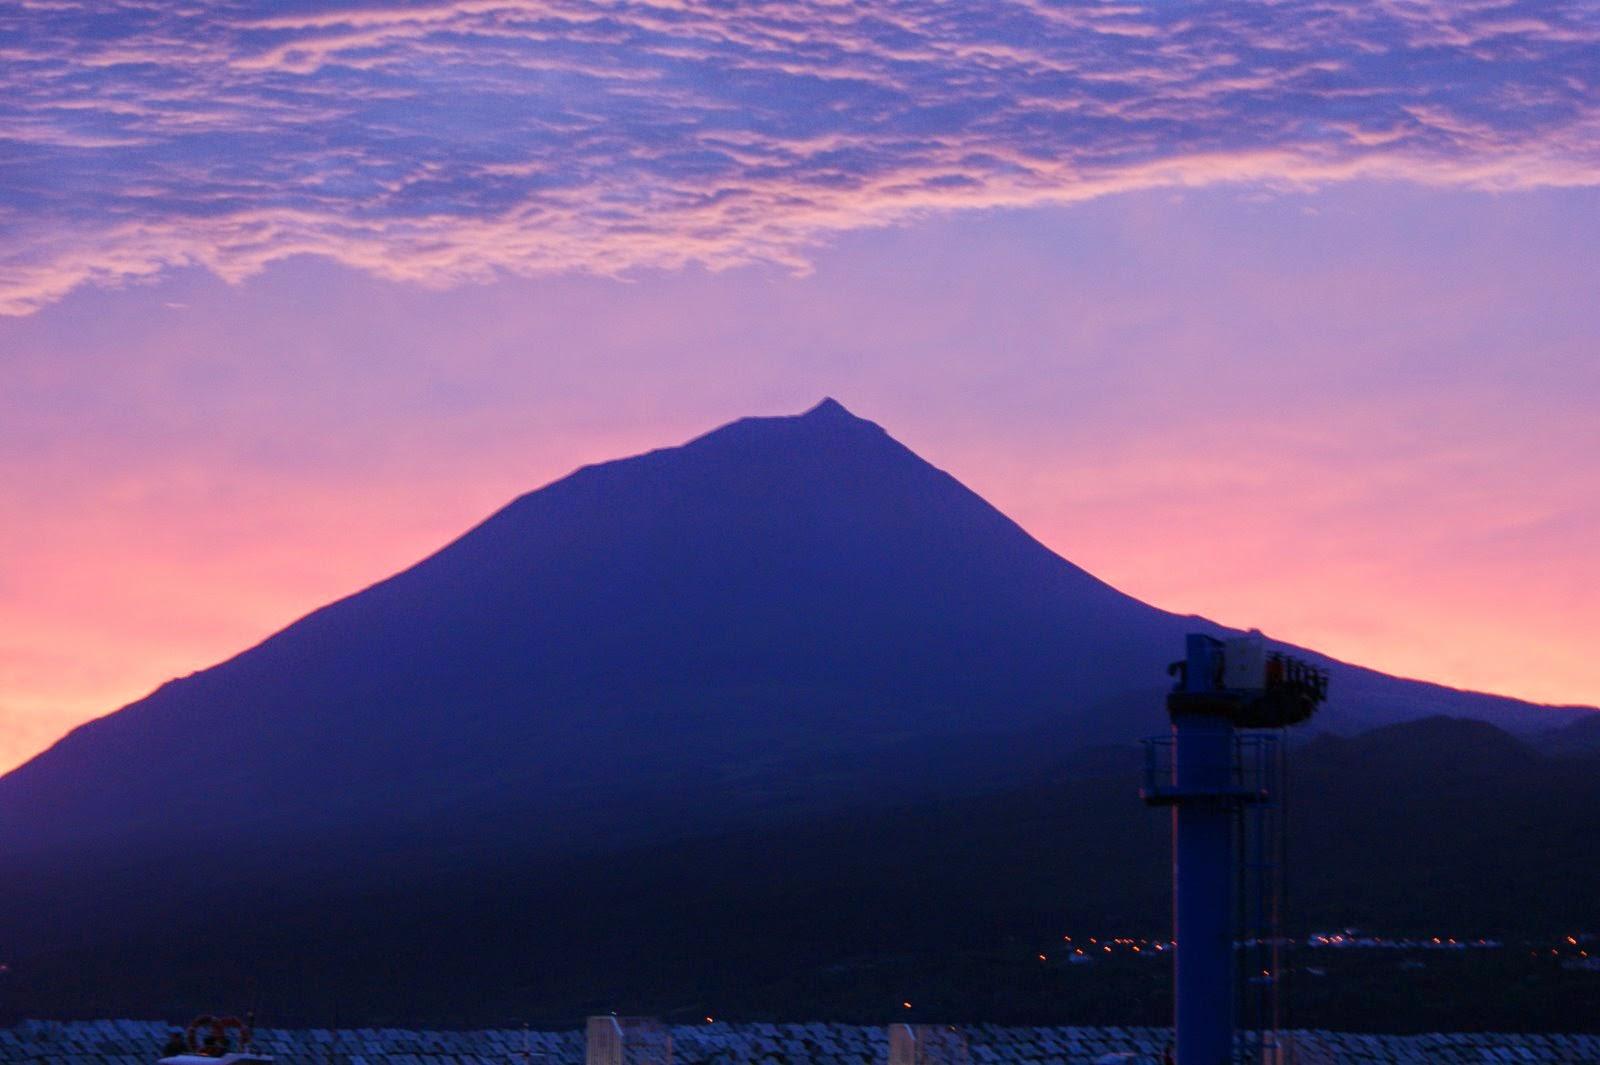 Pico_island_italy